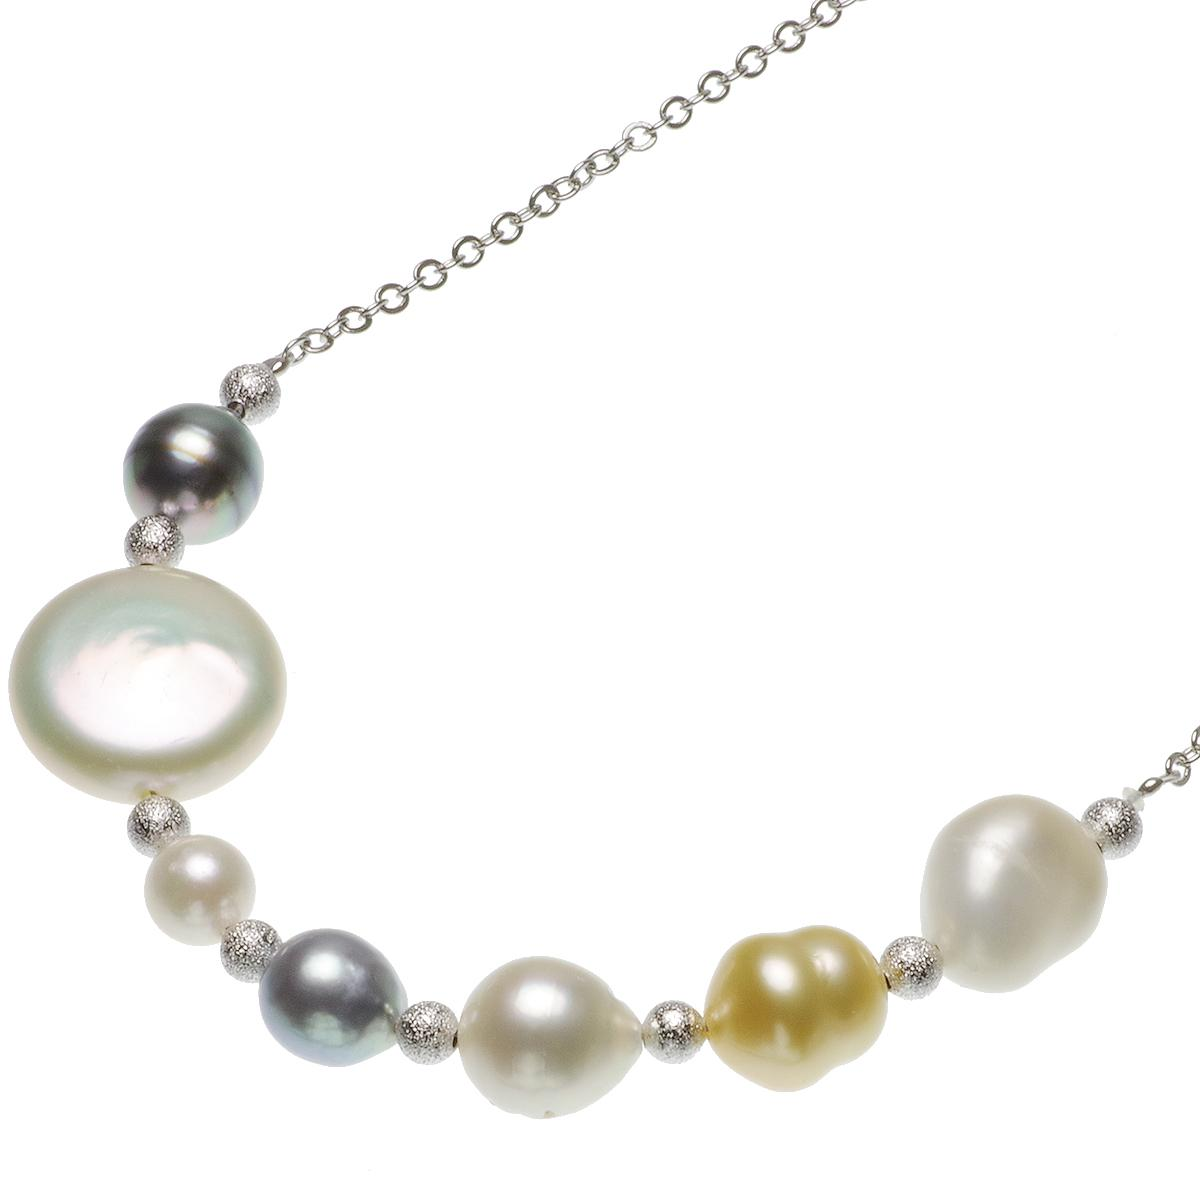 白蝶 黒蝶 アコヤ 淡水真珠 マルチカラー デザイン ネックレス 7.0-15.0mmの写真